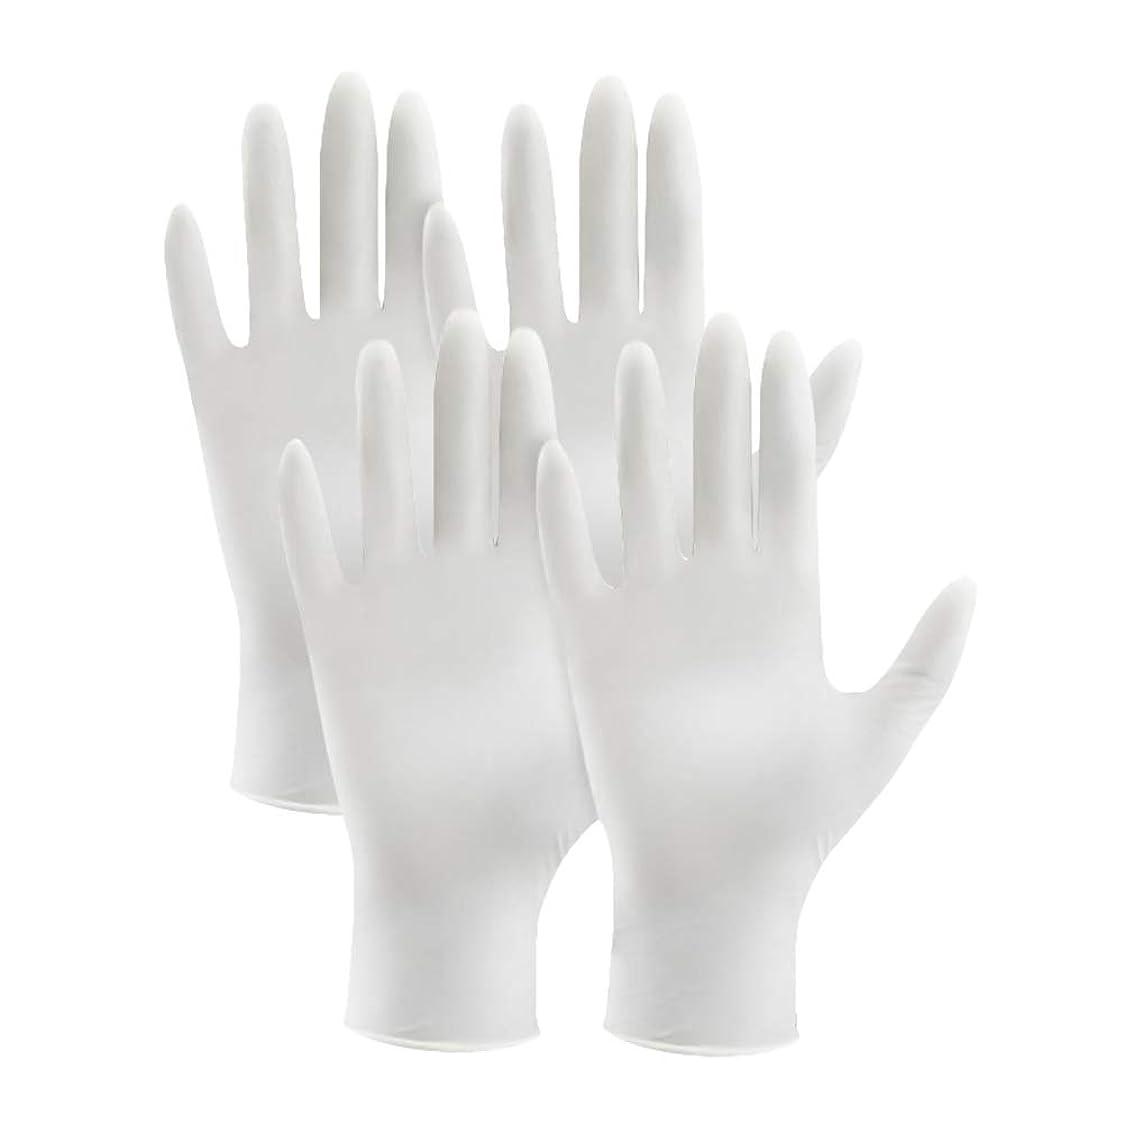 プレミア話分Ourine ニトリル手袋 使い捨て手袋 粉あり まるで素手の様な感覚で作業ができる 極薄 ゴム手袋 白 ホワイト 左右兼用 品質 作業薄手手袋 4枚入り